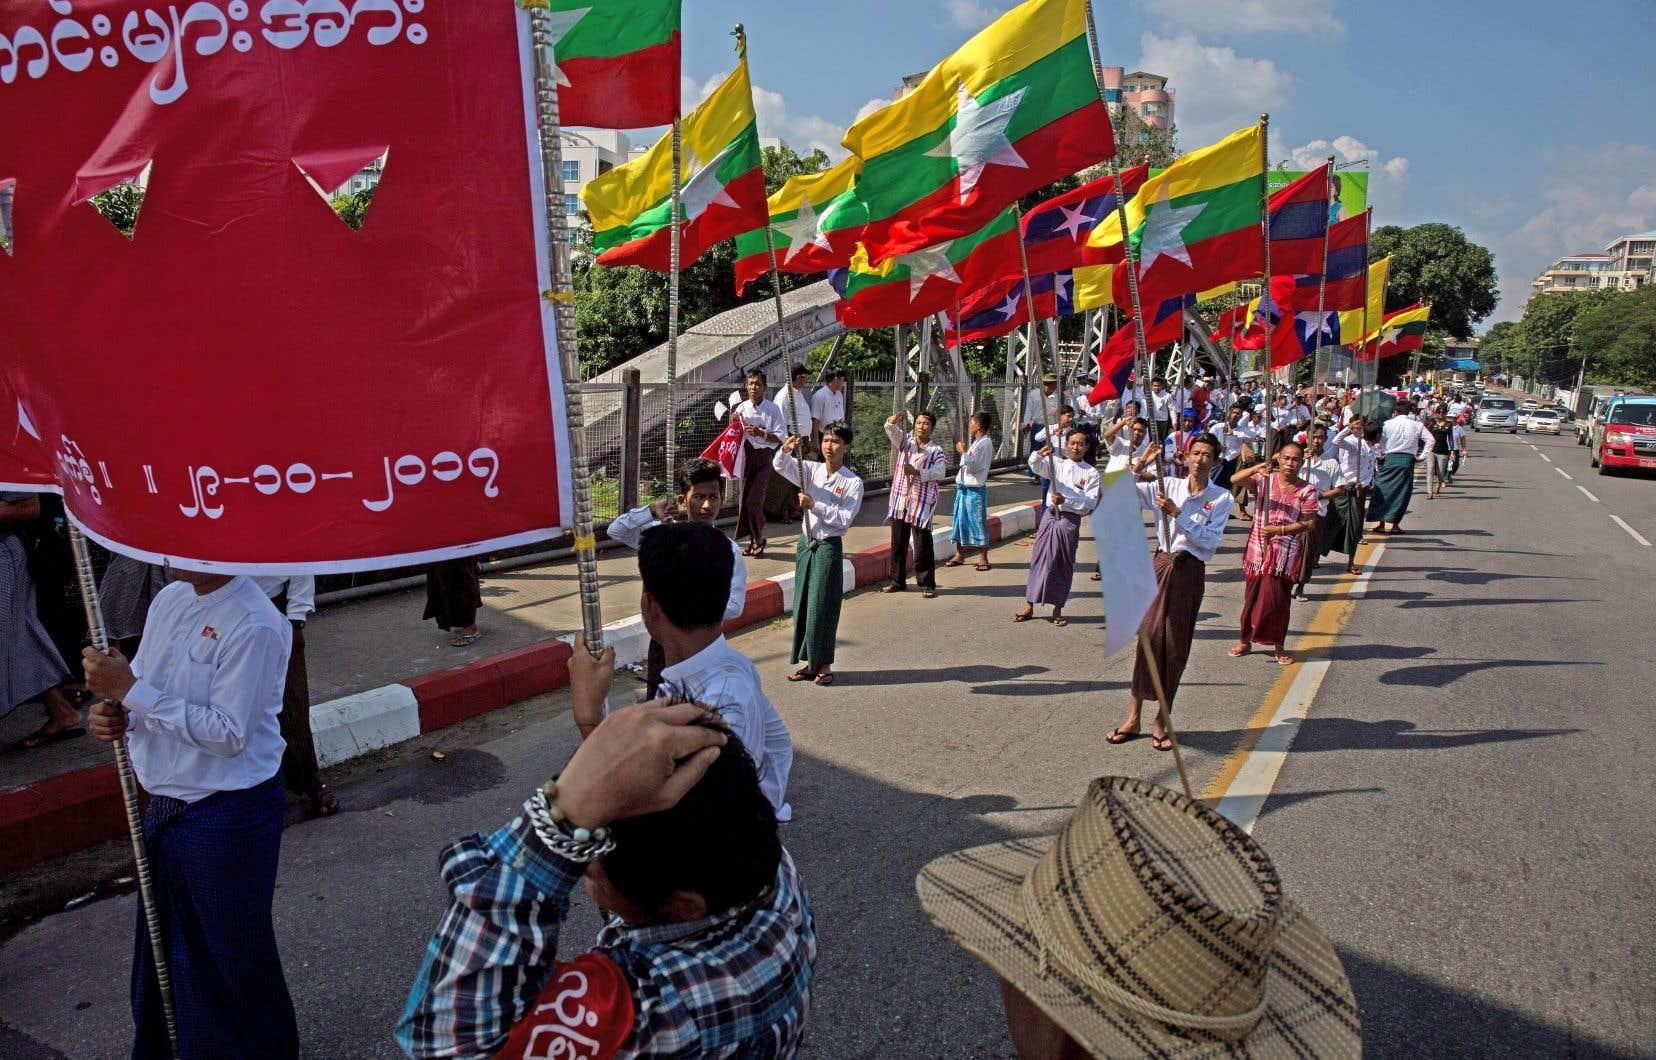 Les nombreux manifestants brandissaient, dimanche, de nombreuses banderoles pour soutenir le commandant en chef de l'armée myanmaraise, le général Min Aung Hlaing.